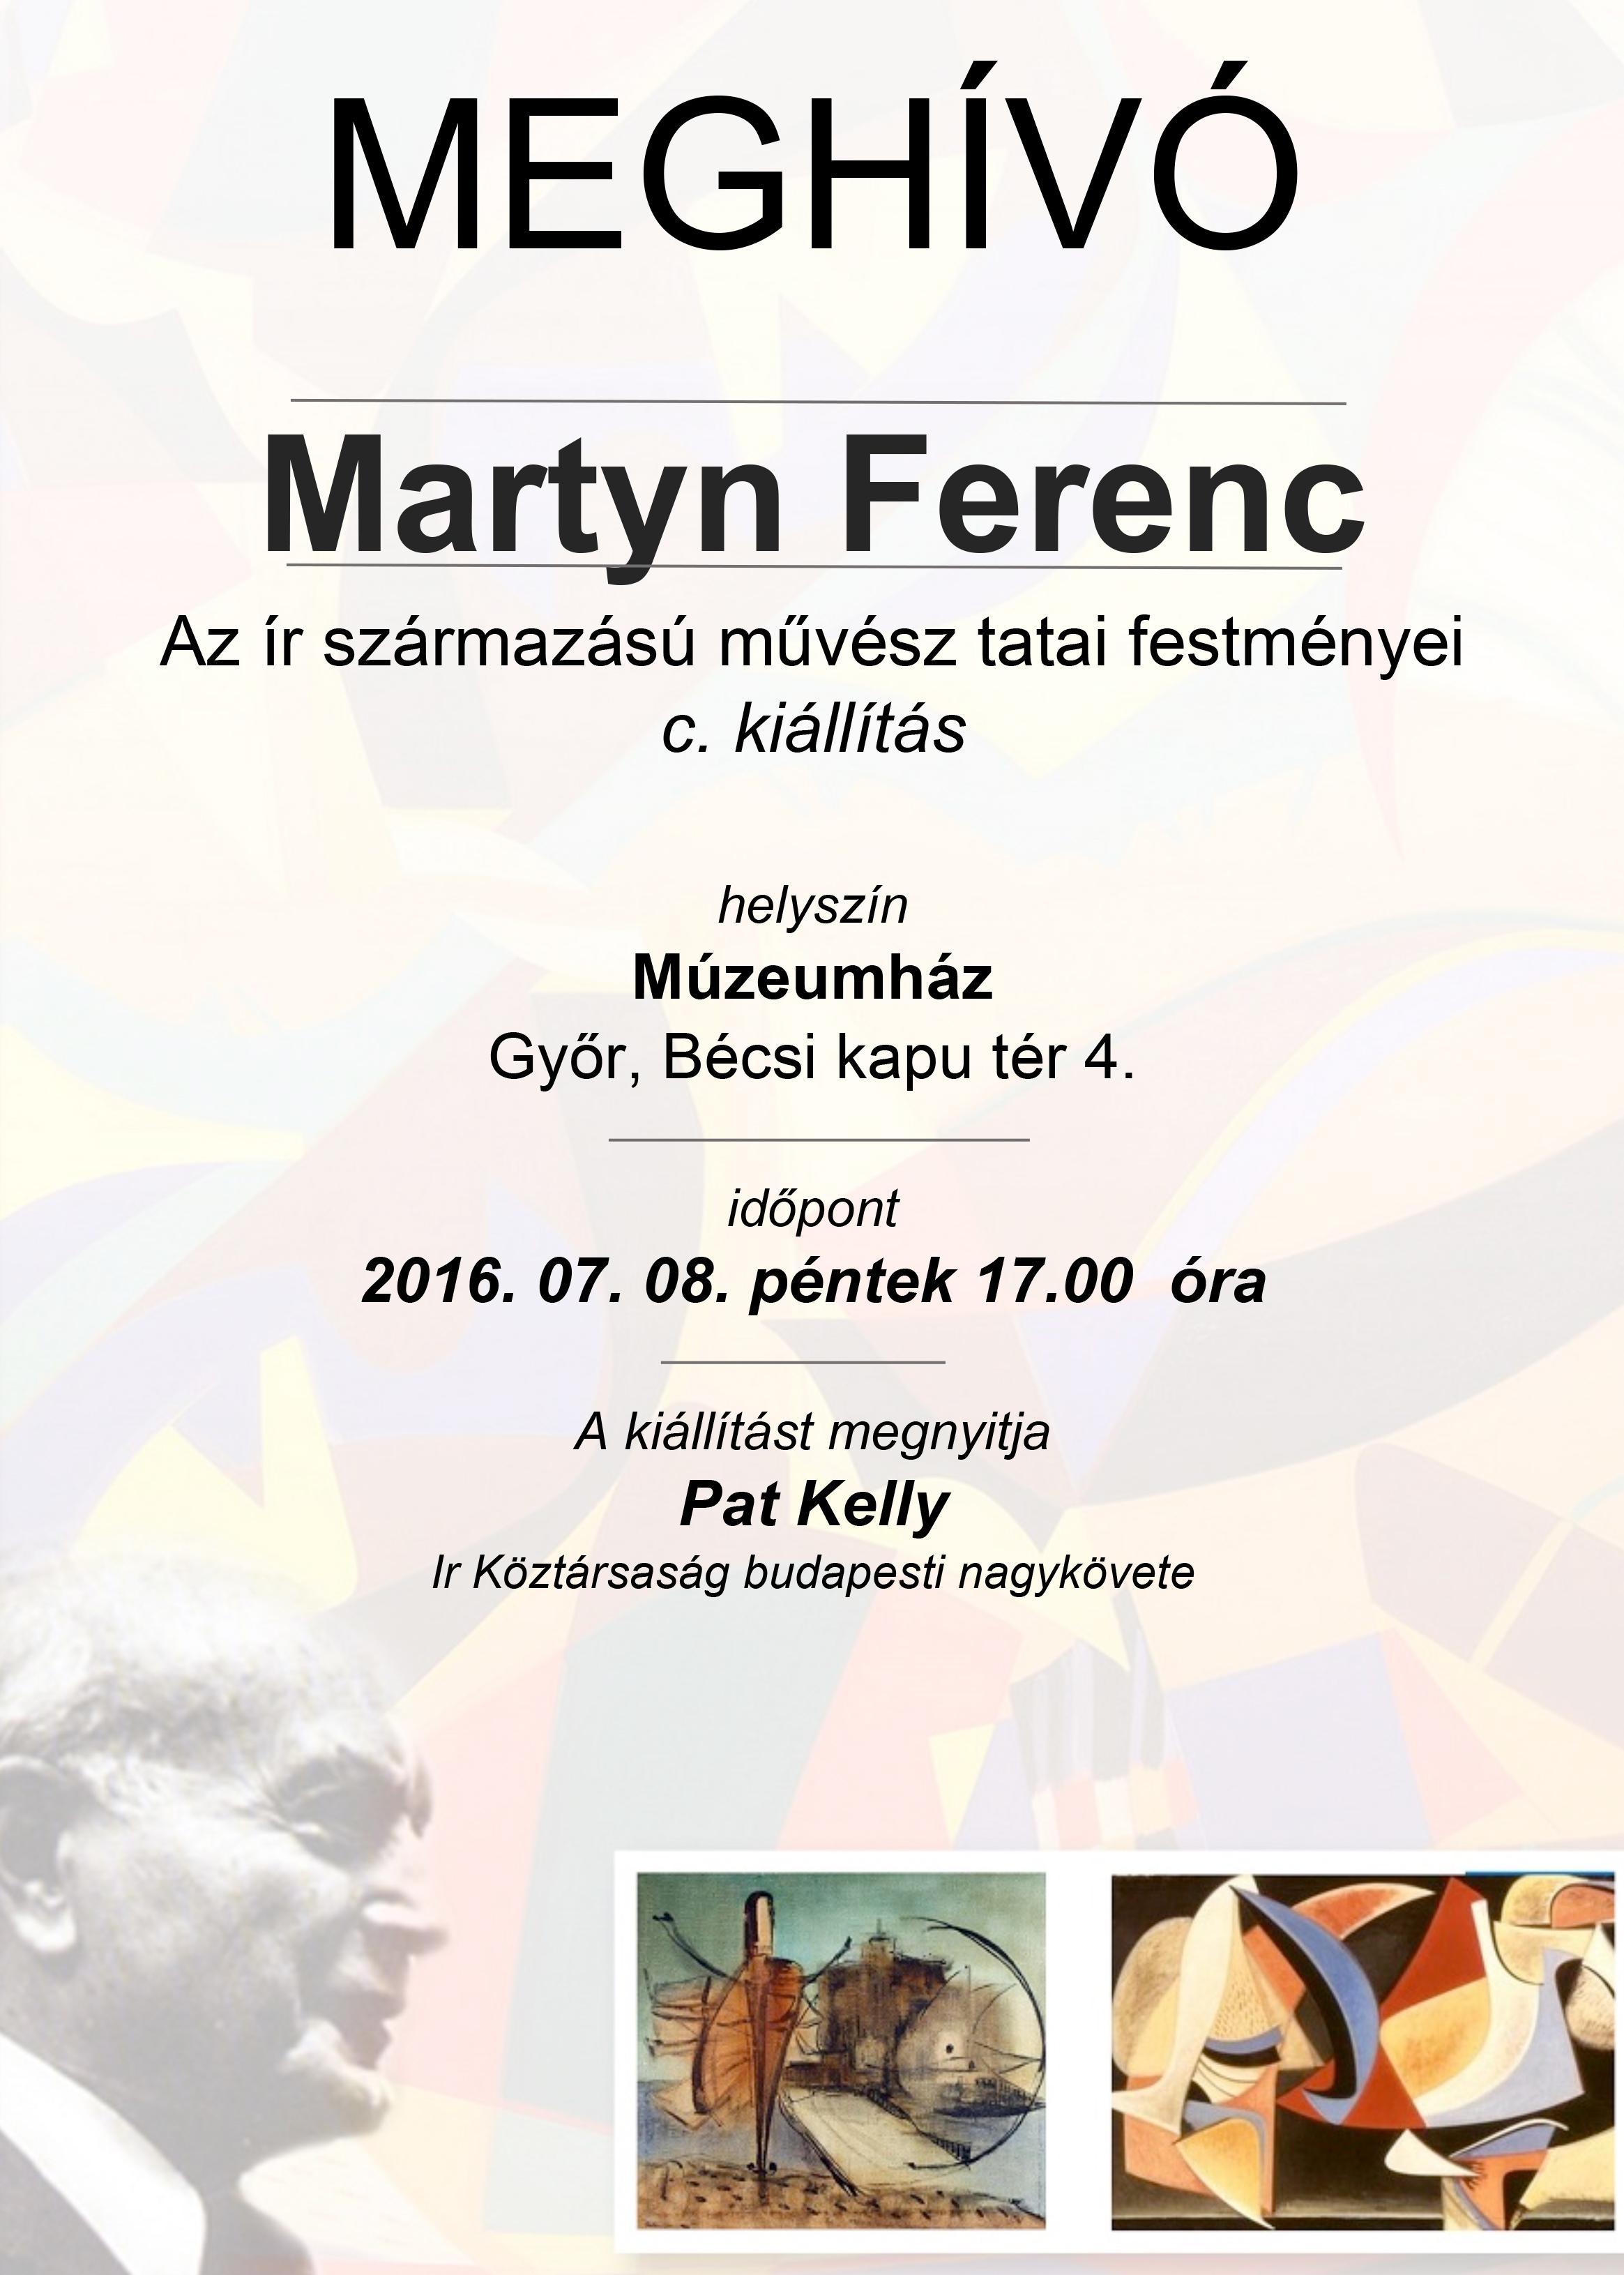 Microsoft Word - Martyn Ferenc kiállítás meghívó (1).doc